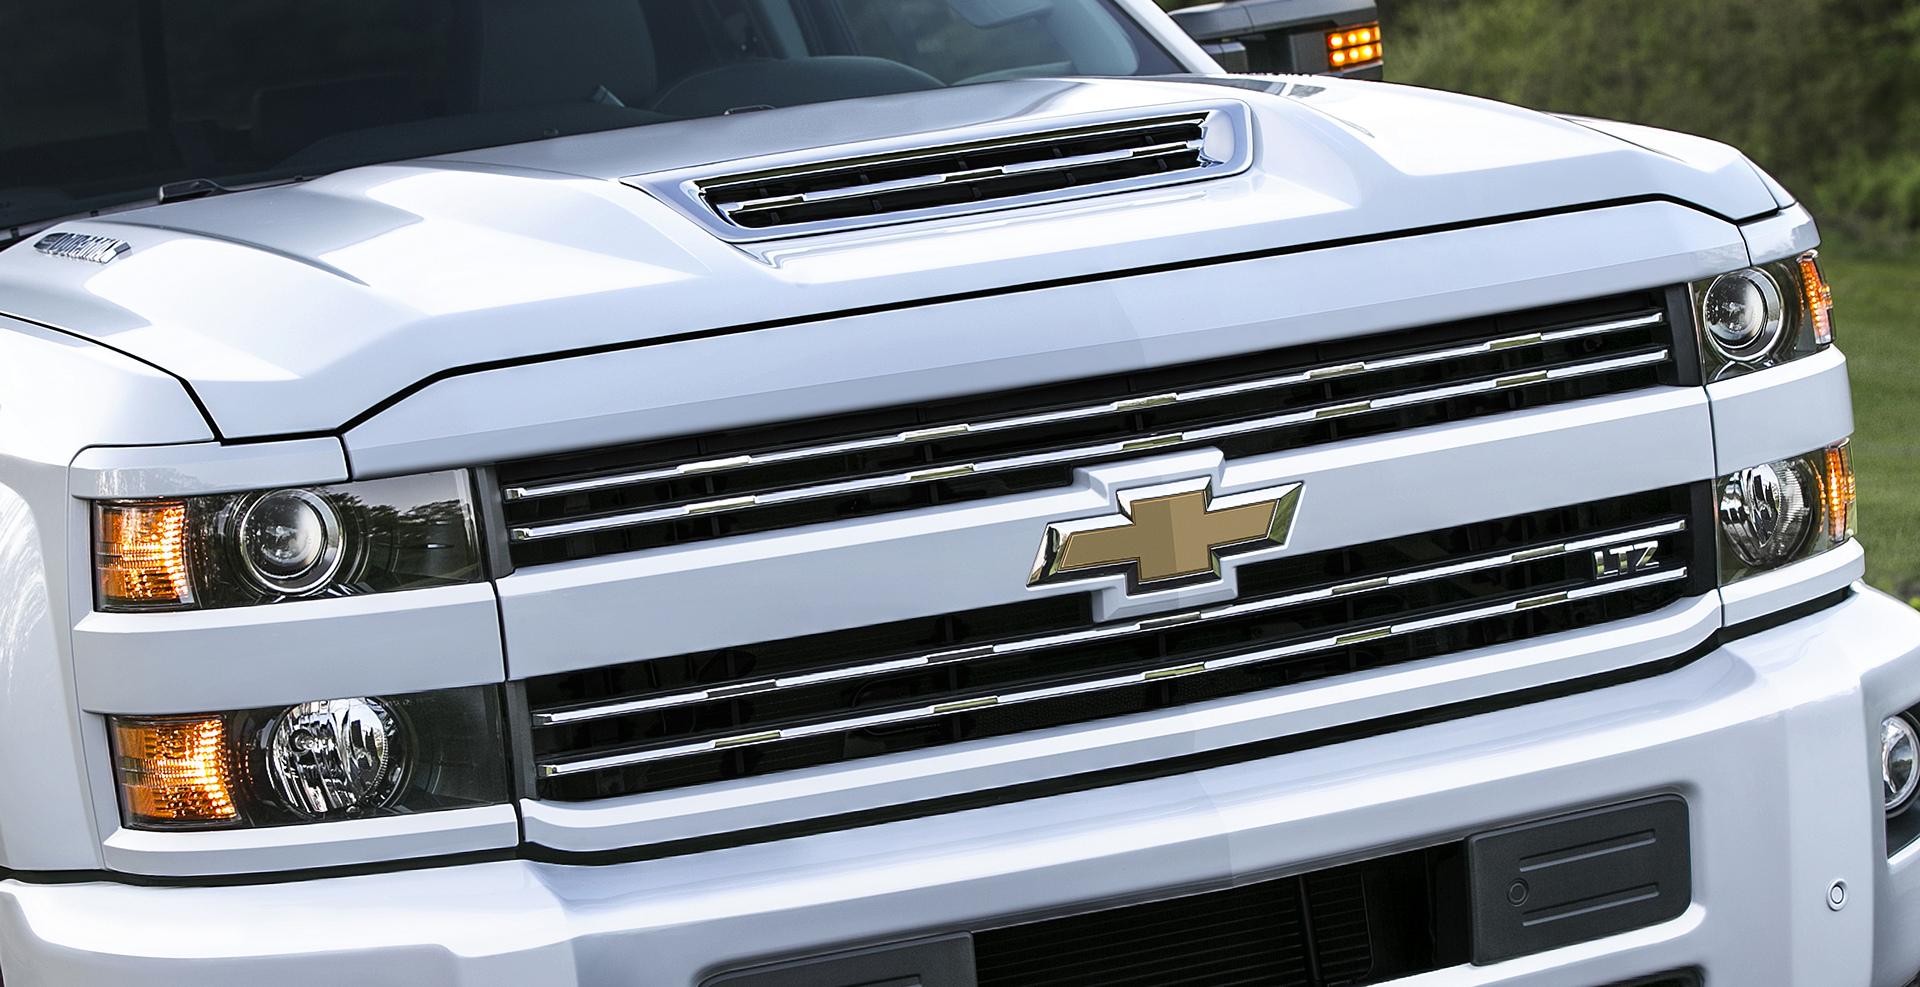 2017 Chevrolet Silverado 2500HD © General Motors